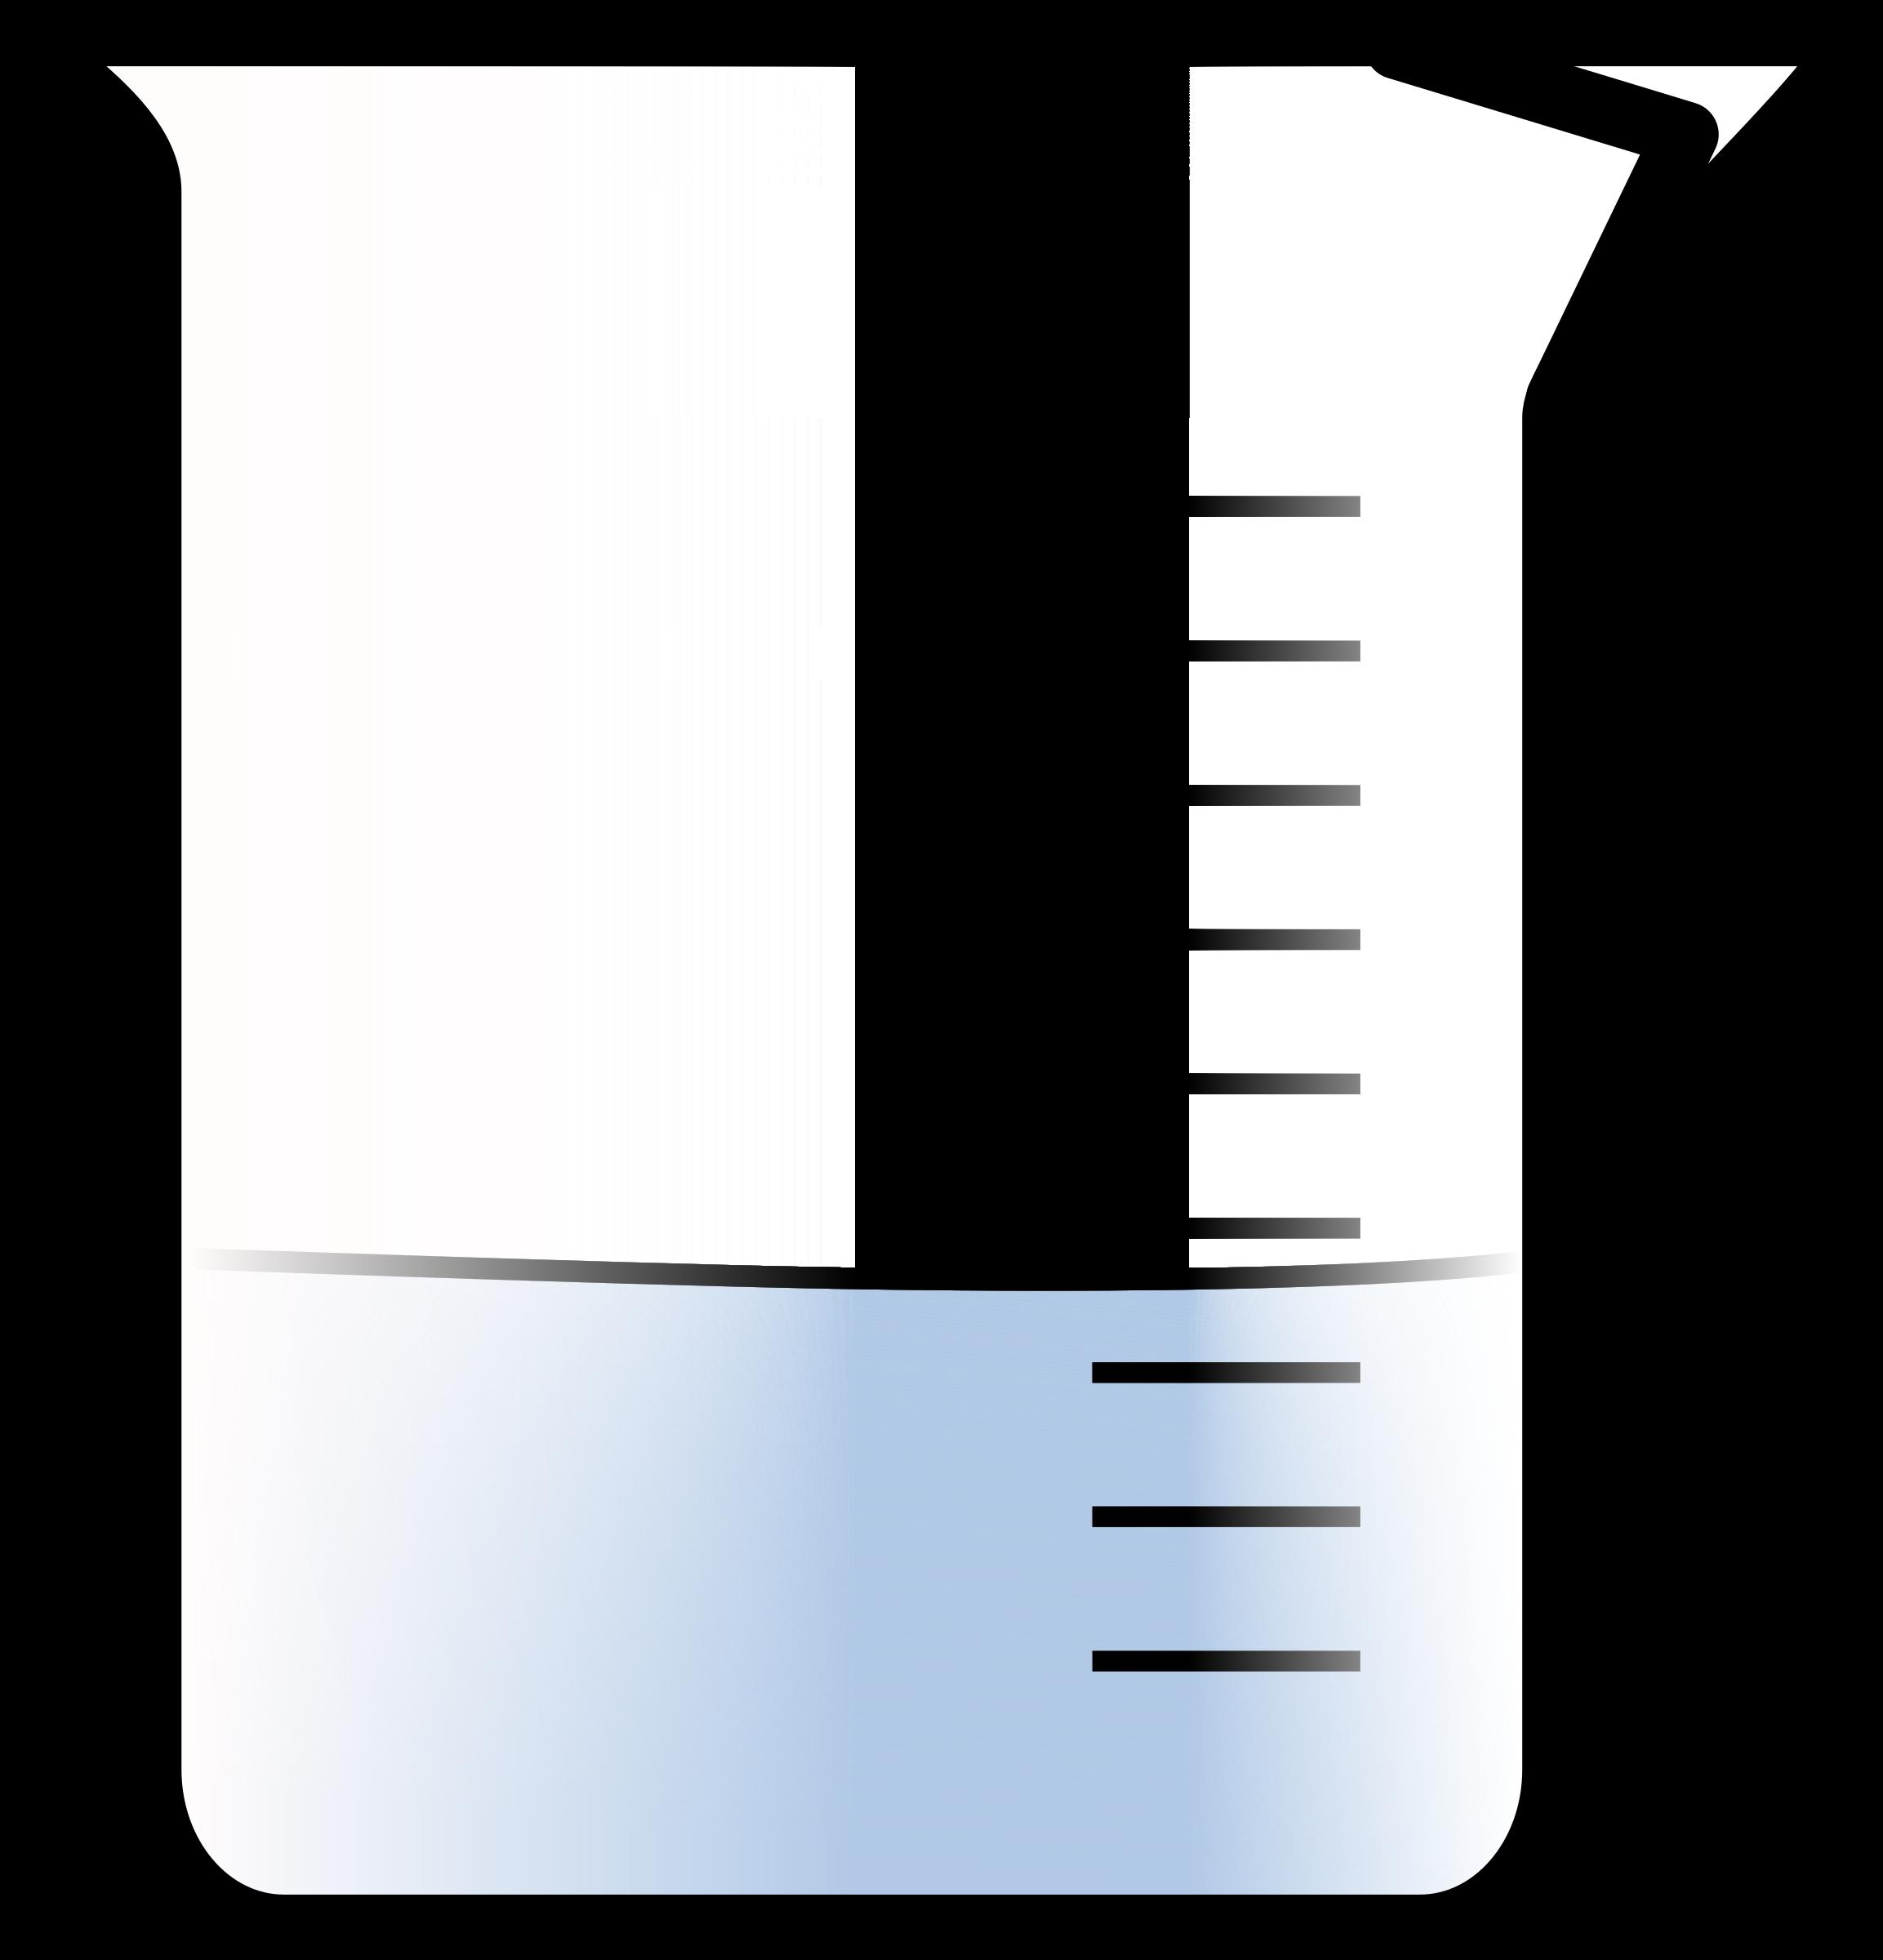 Big image png. Beaker clipart diagram